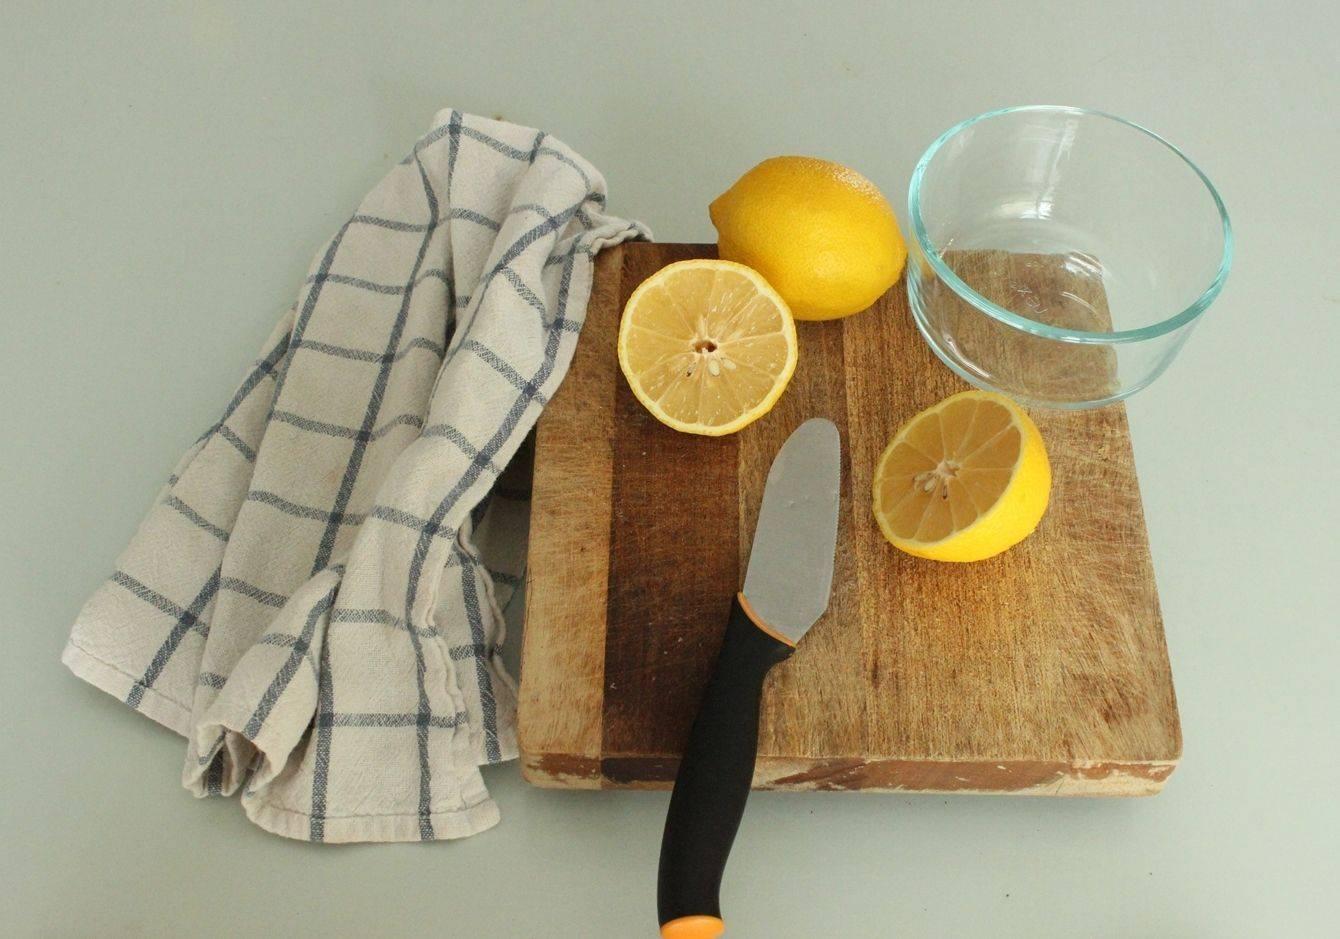 Как почистить хрусталь в домашних условиях до блеска: лучшие средства